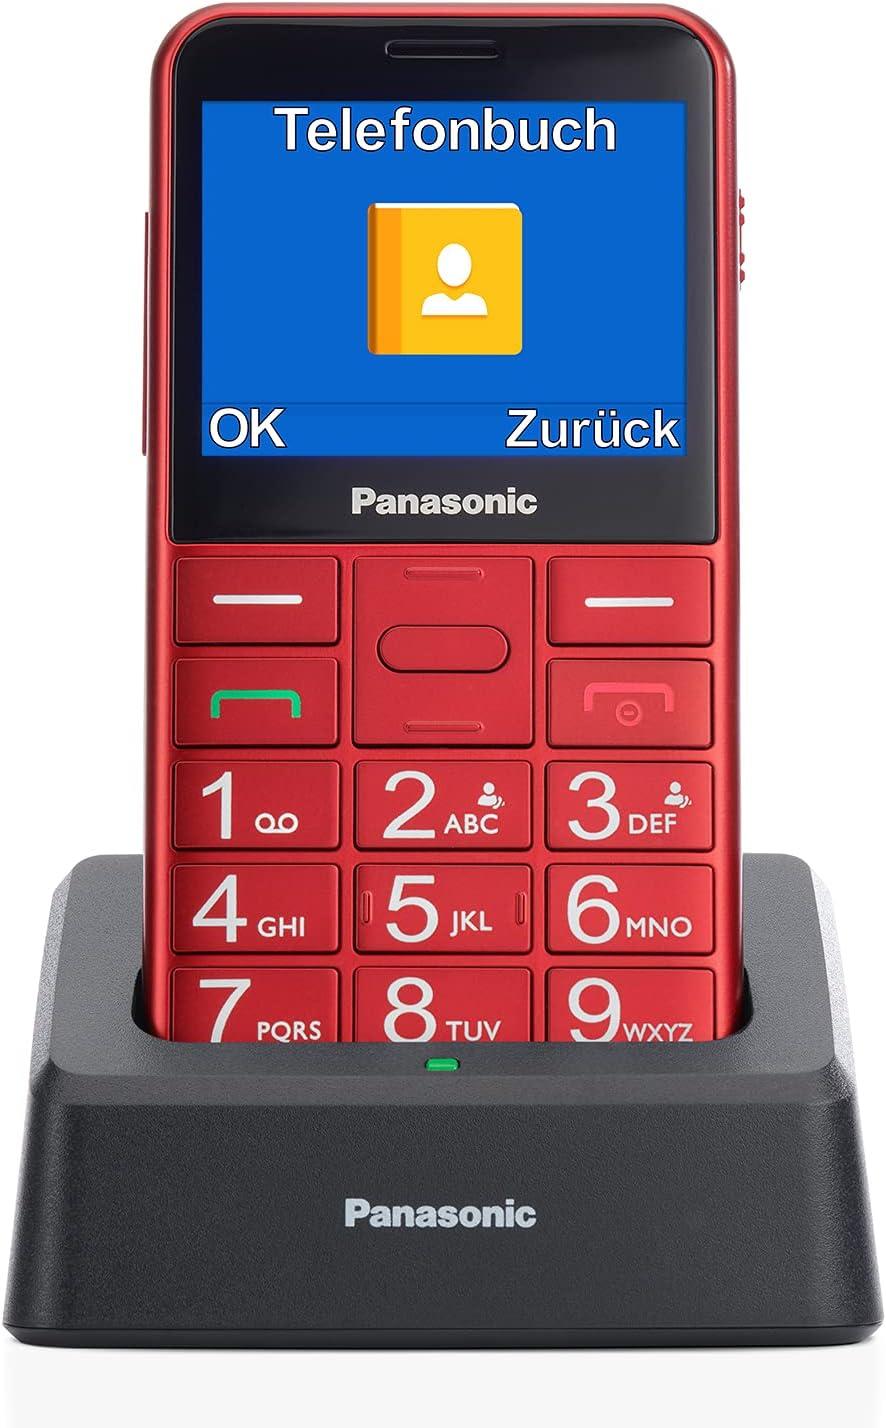 Panasonic KX-TU155 - Teléfono móvil SIM para personas mayores, pantalla de 2.4